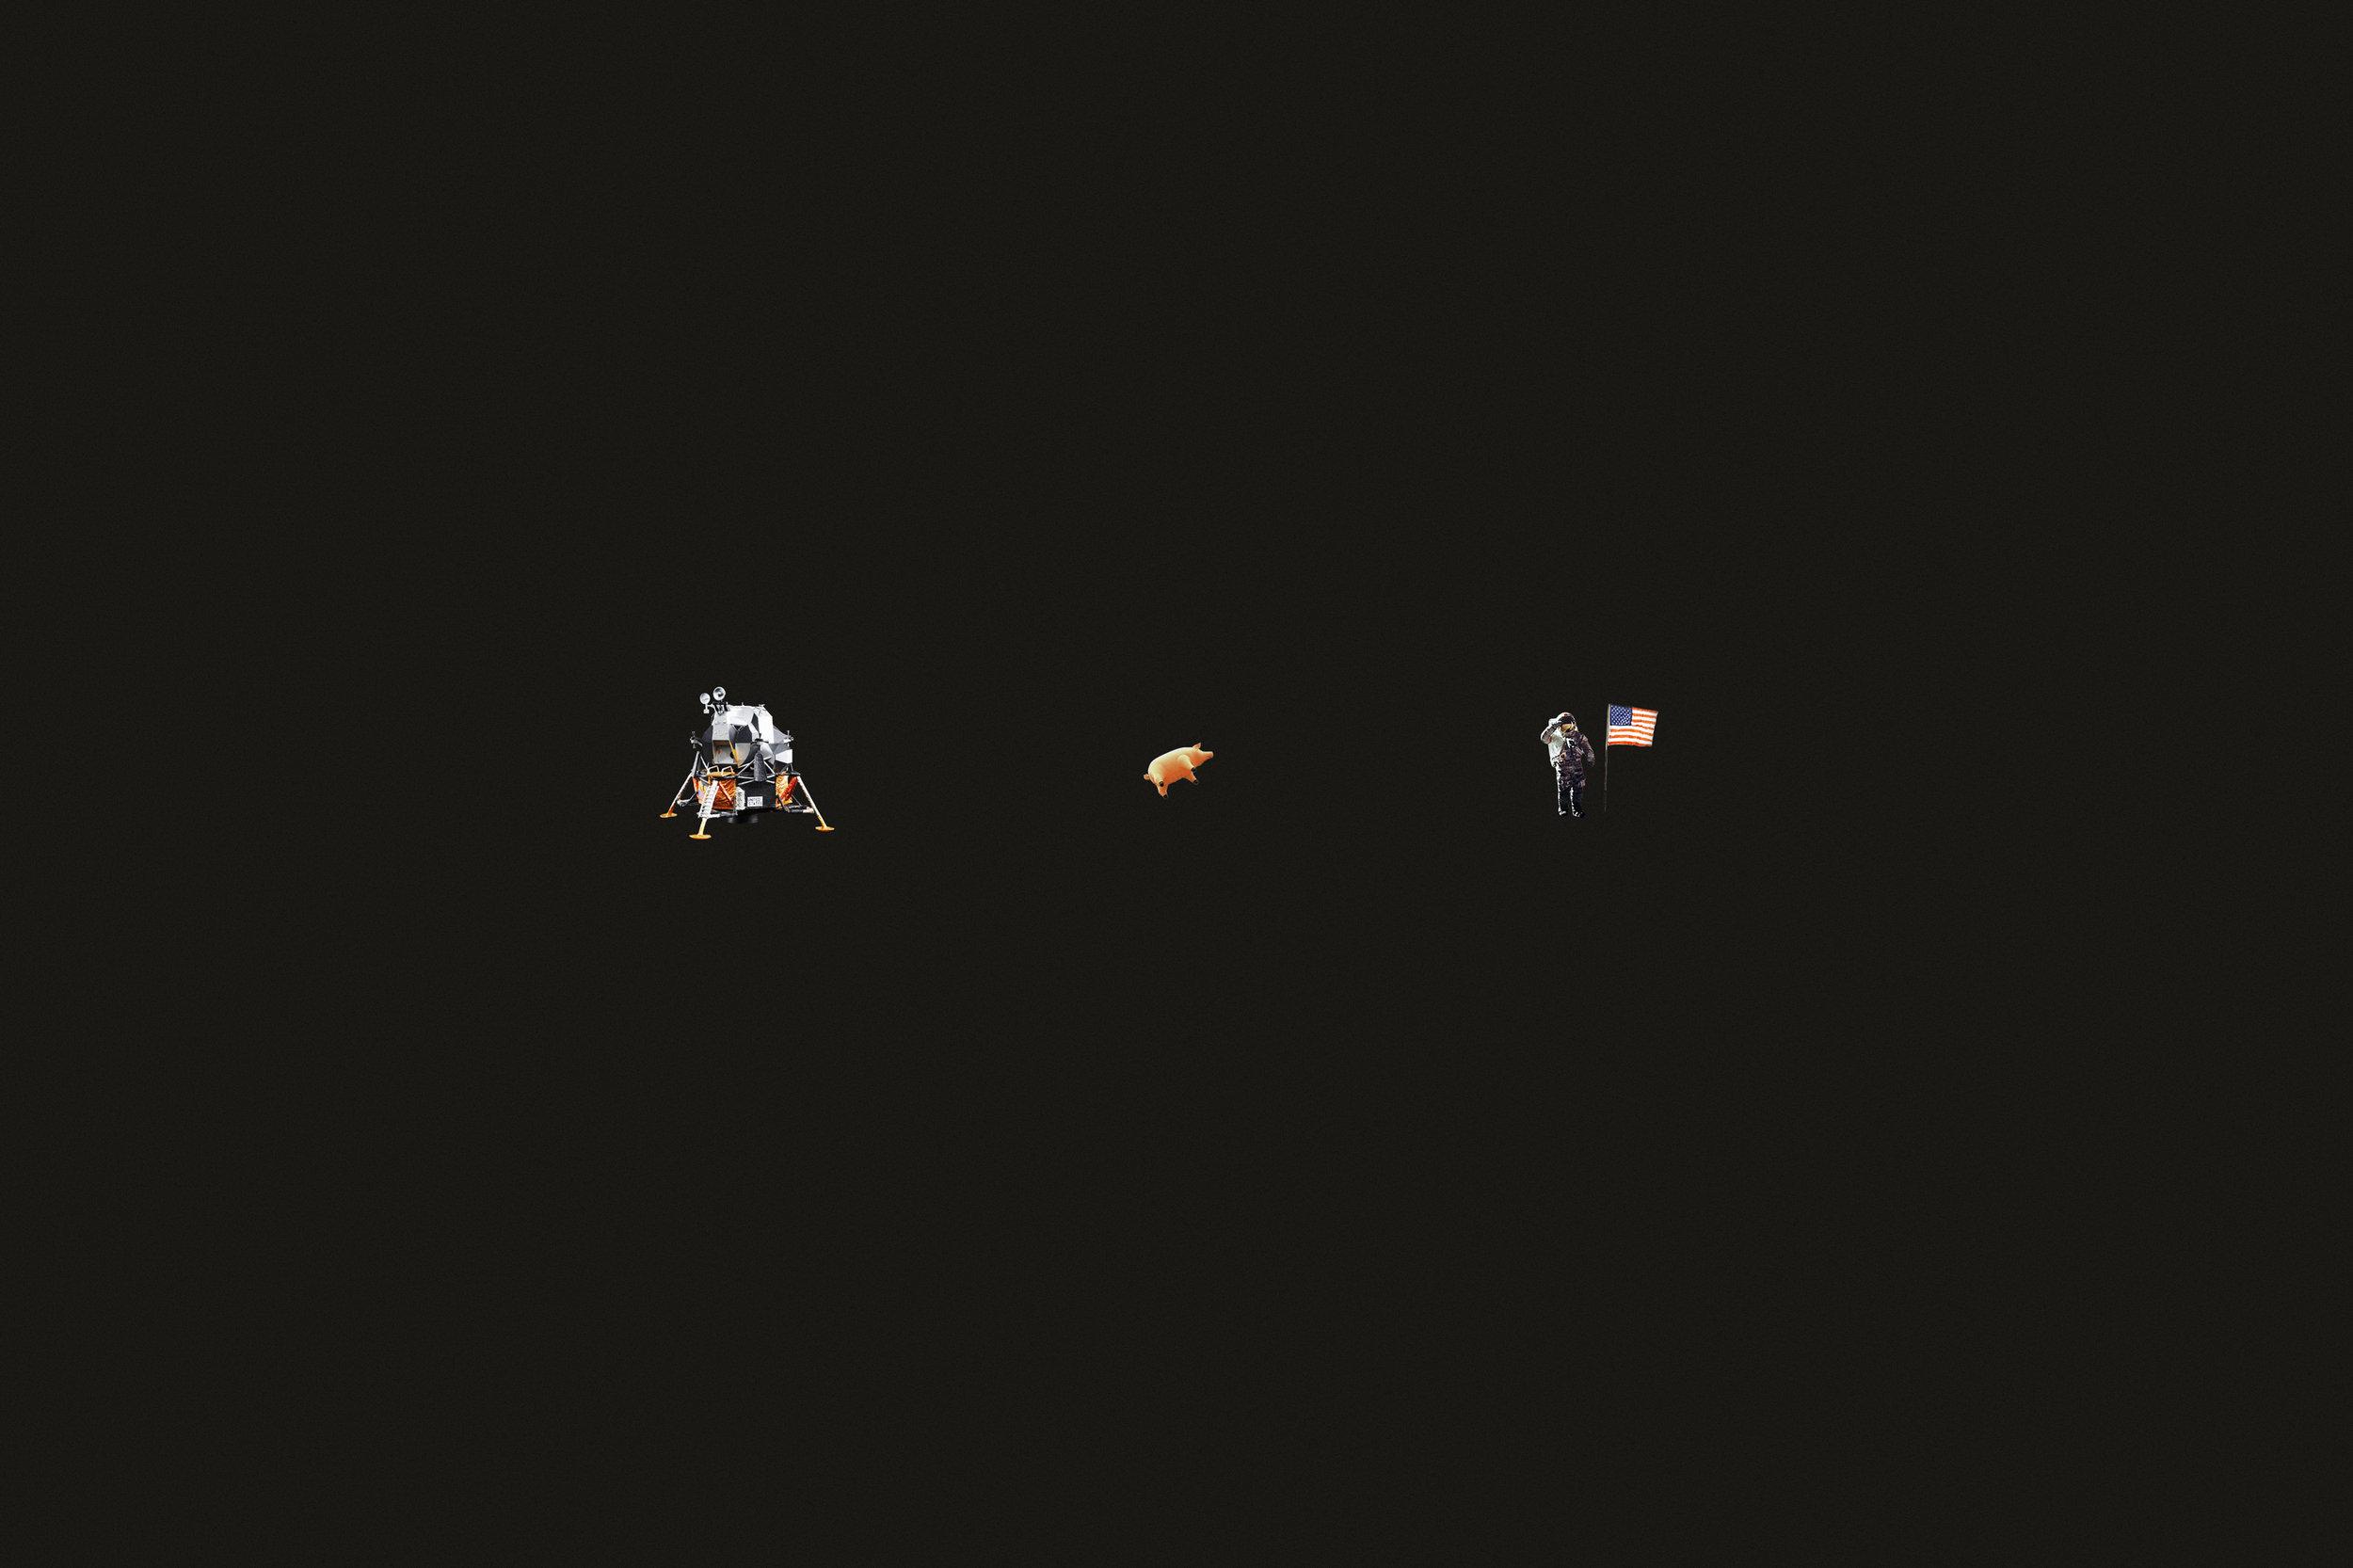 moonhead_2x3_24.jpg